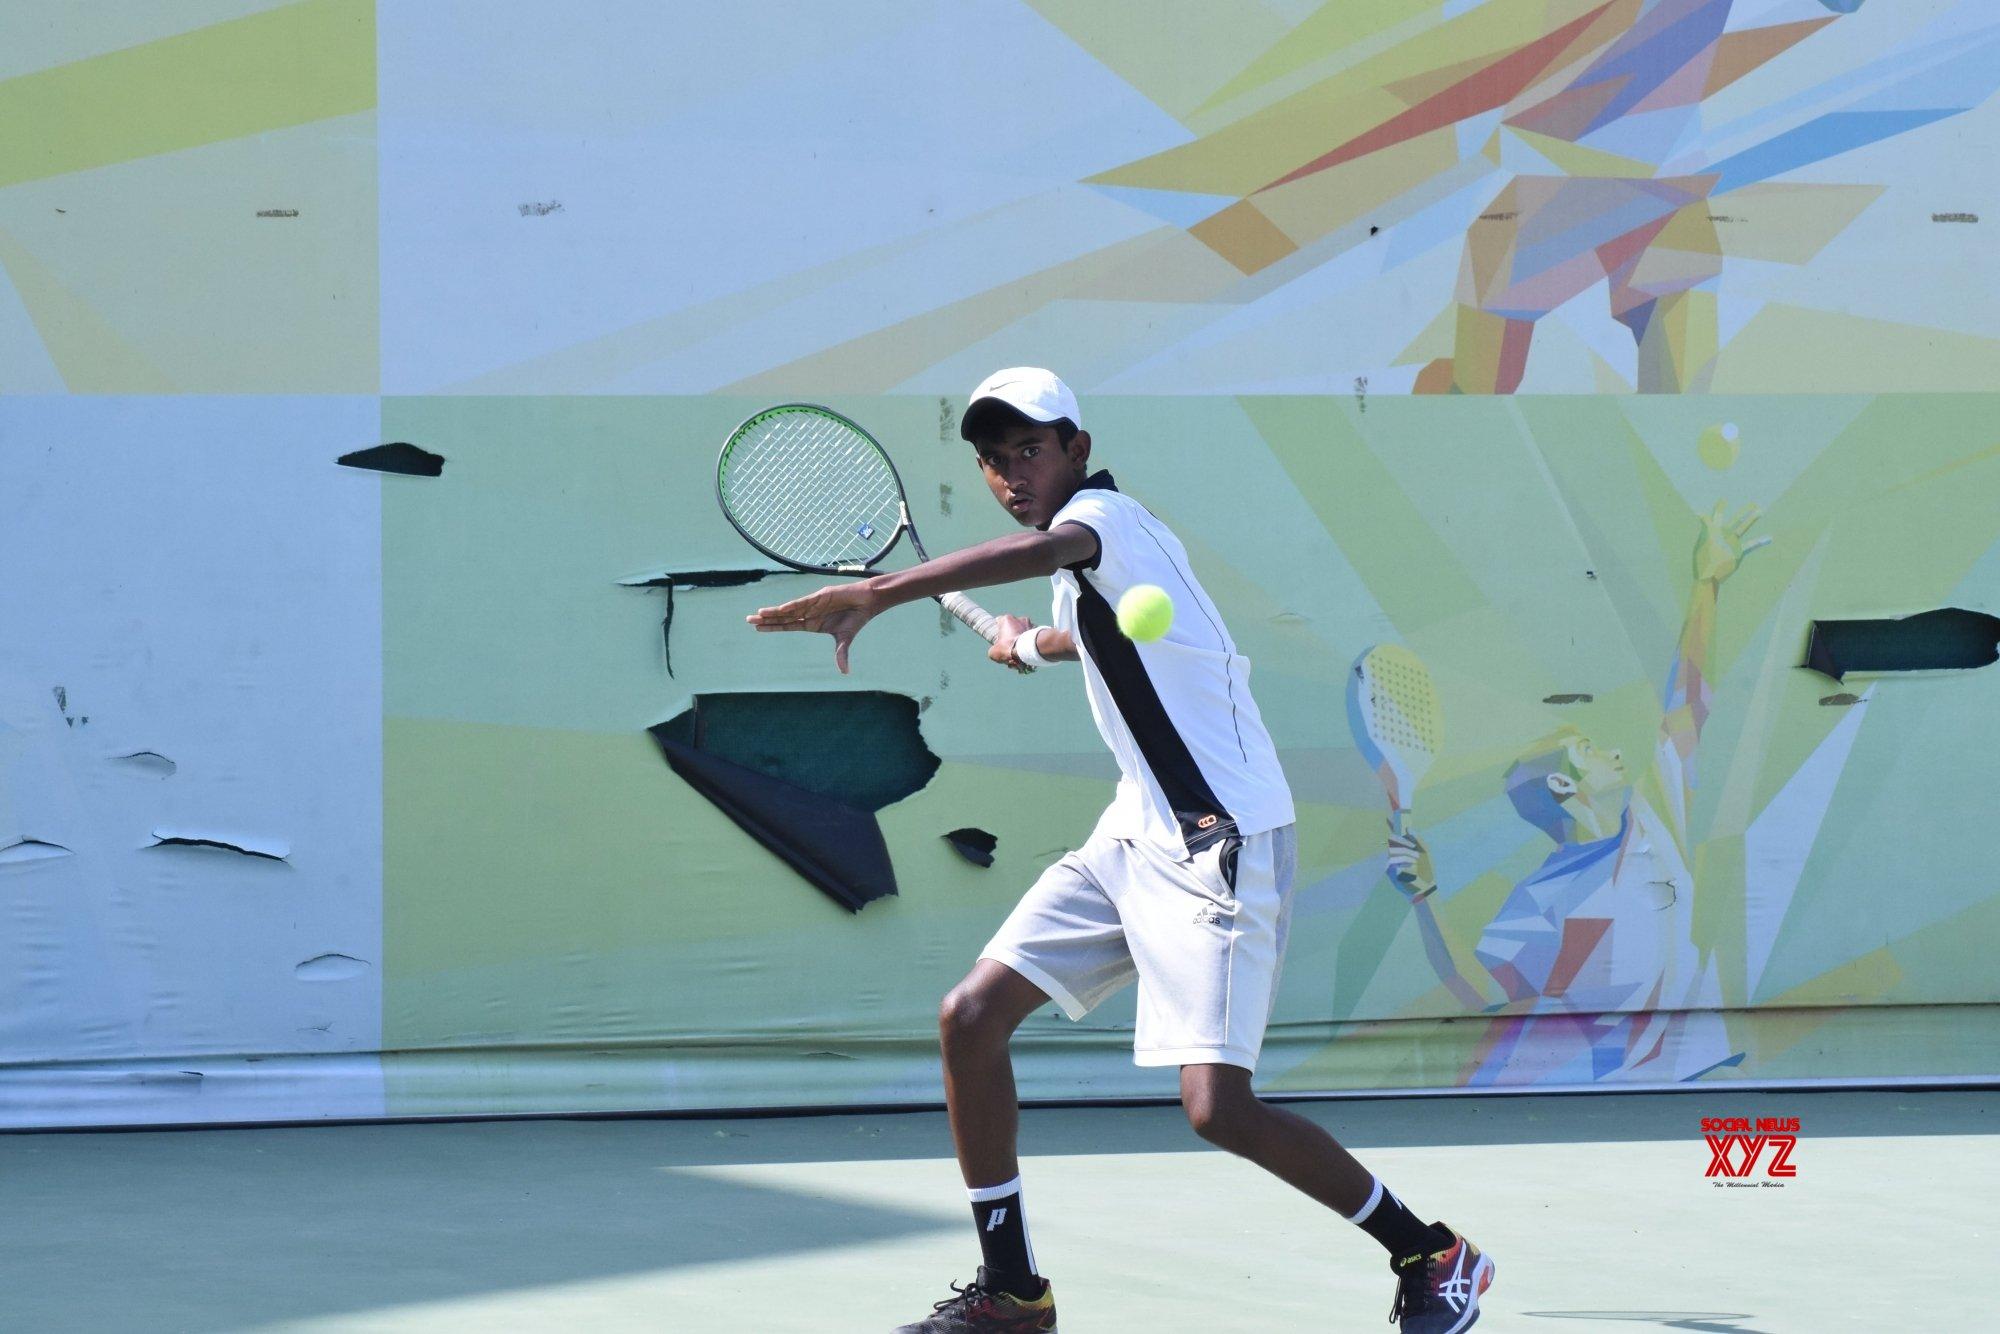 New Delhi: Fenesta Open Junior National Tennis Championship - Arunava Majumdar Vs Shafaat Ali Asghar #Gallery